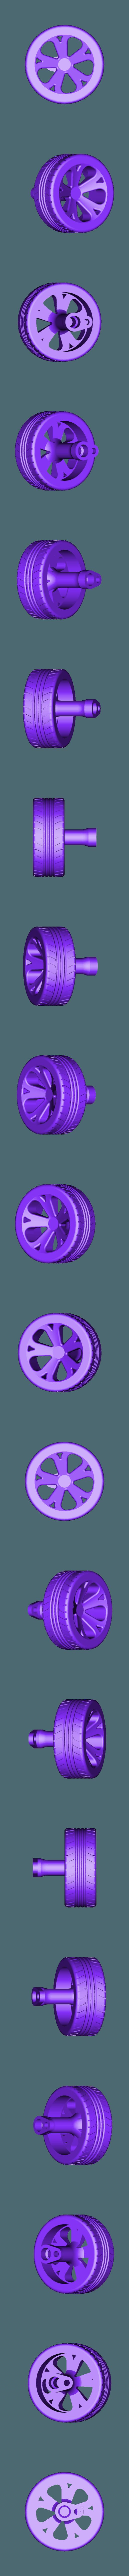 steering_wheel.stl Télécharger fichier STL gratuit Contrôleur CARduino : Émetteur radio de voiture rc basé à Arduino • Plan pour impression 3D, EnginEli